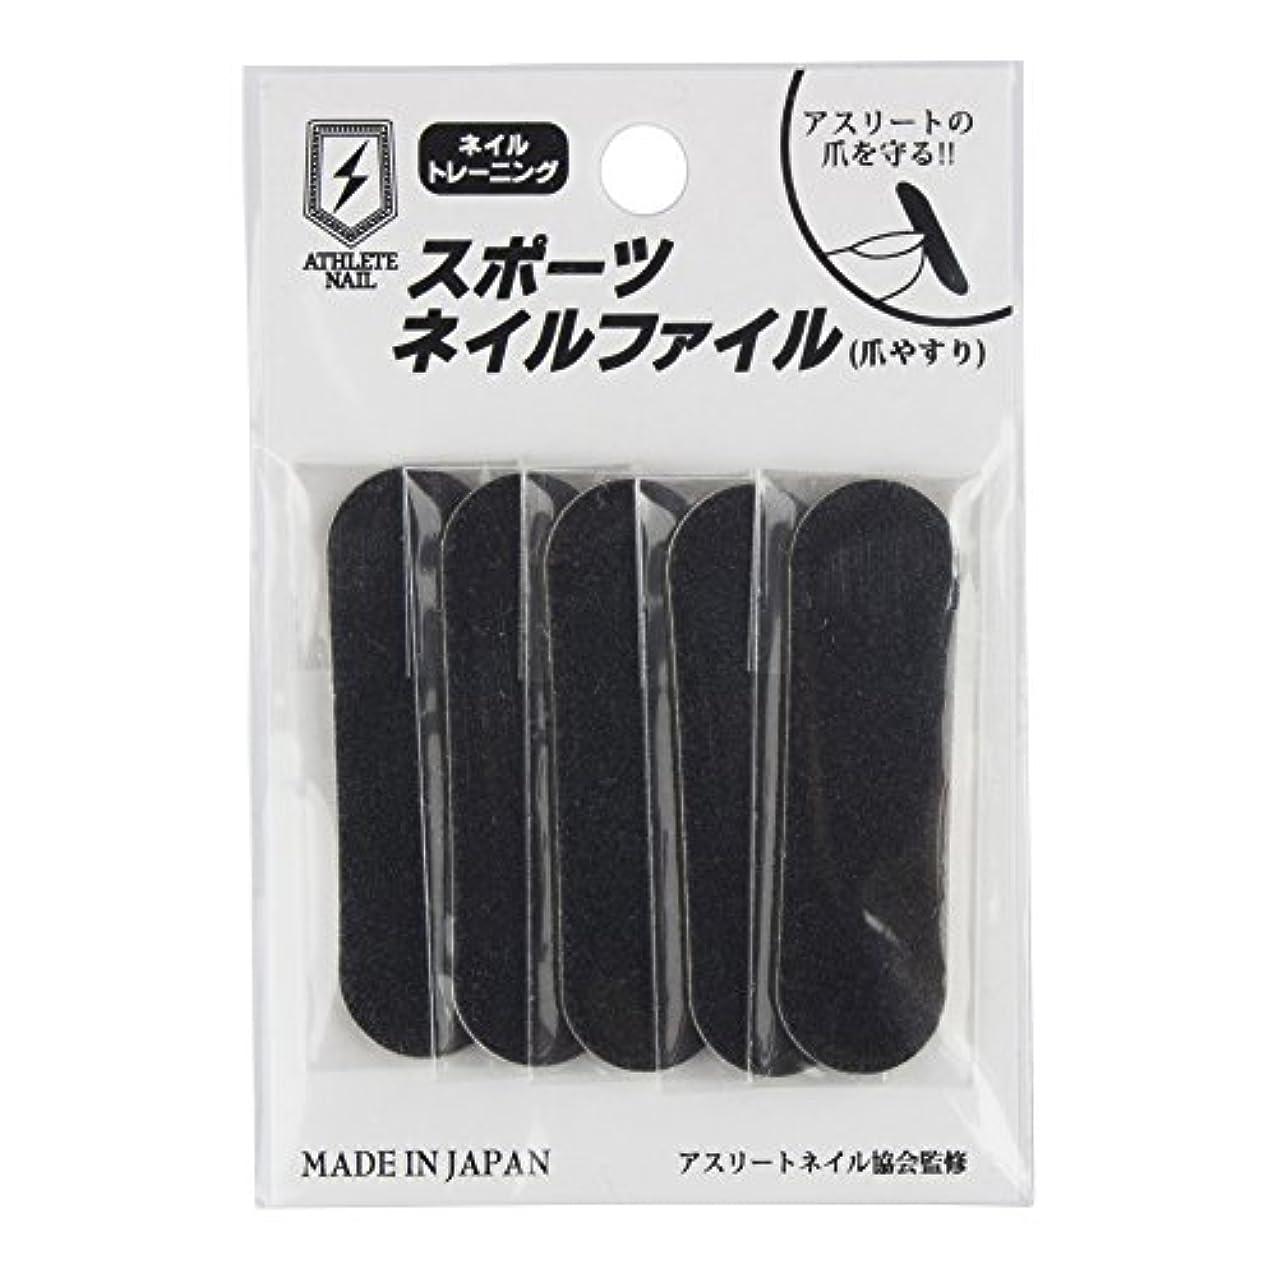 進化ペットアスリートネイル(Athlete Nail) スポーツネイルファイル 爪やすり 12個セット 13553